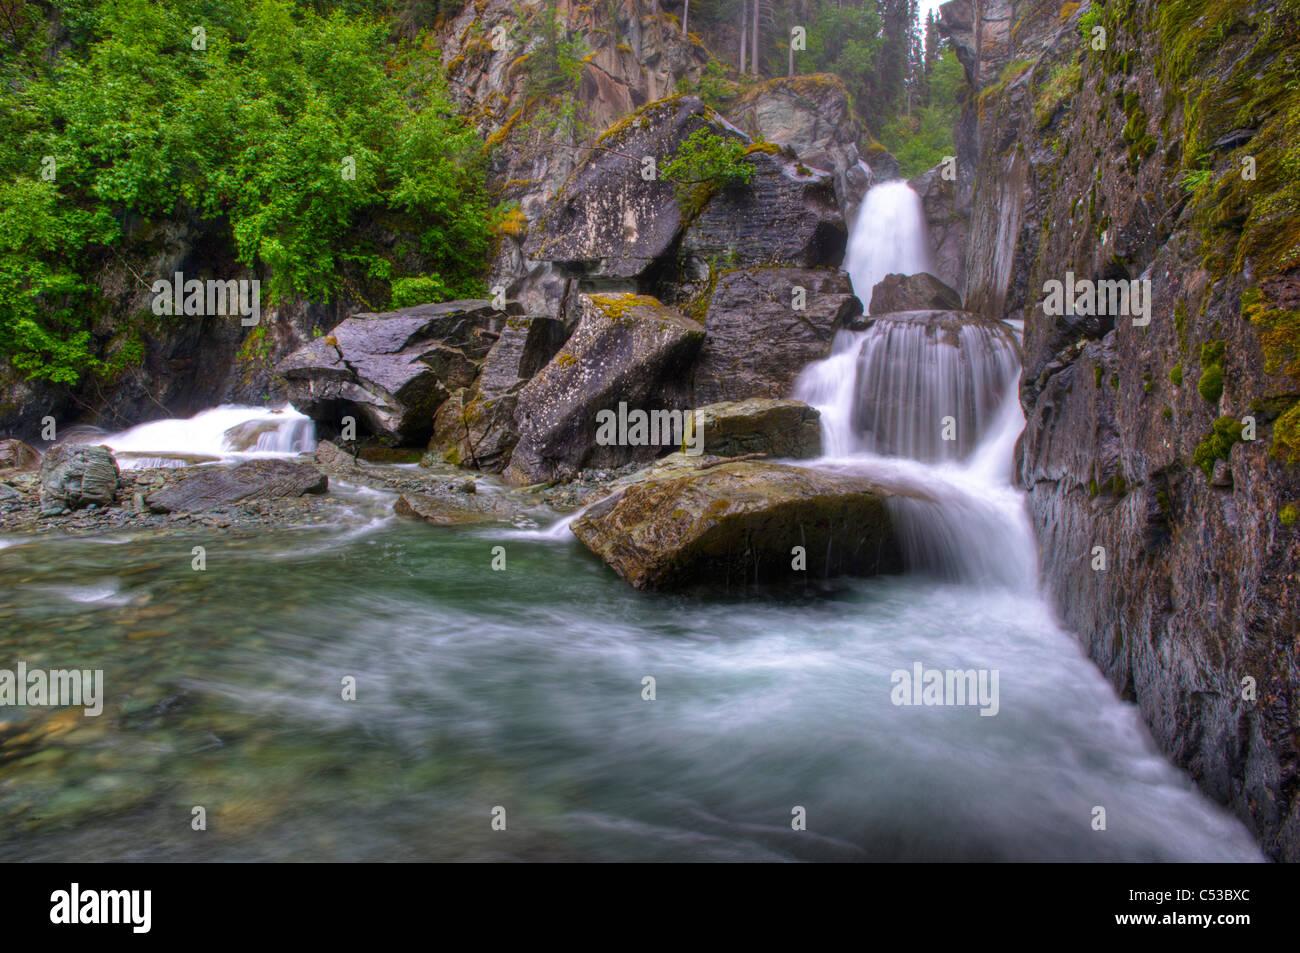 View of Liberty Falls at Liberty Falls State Campground near Chitina, Southcentral Alaska, Summer, HDR image. - Stock Image